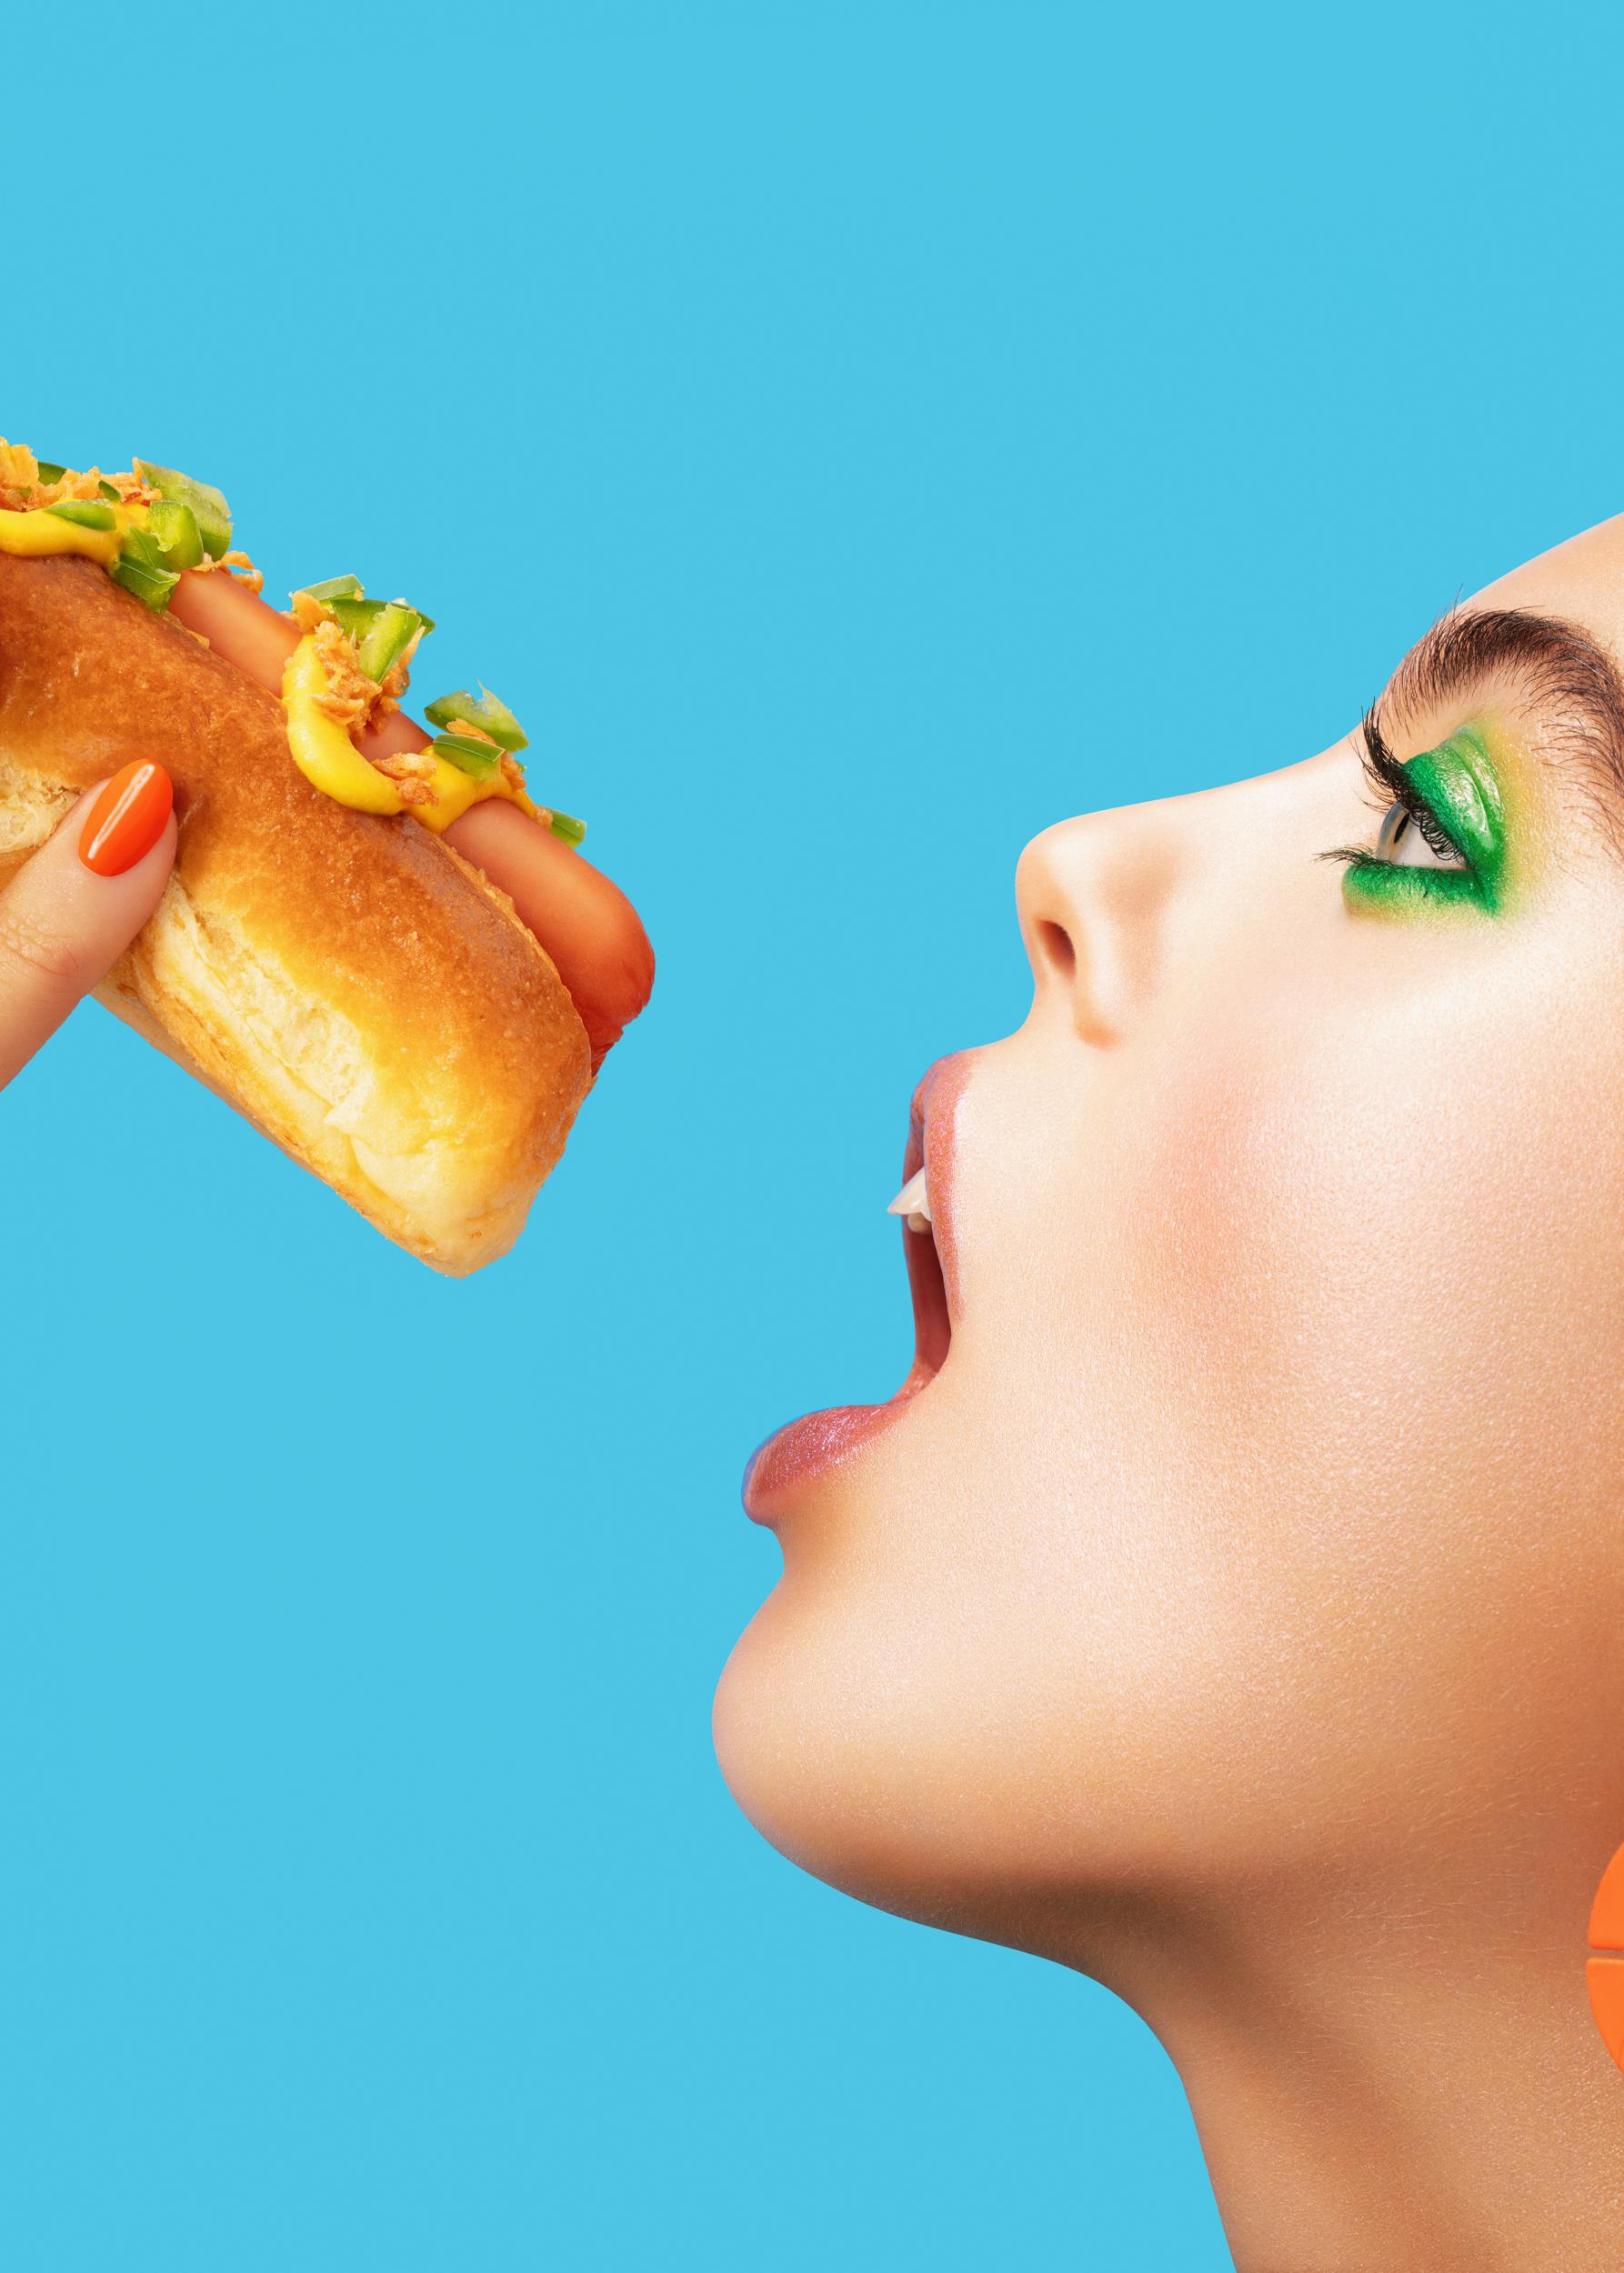 Gluttony by Ilka & Franz